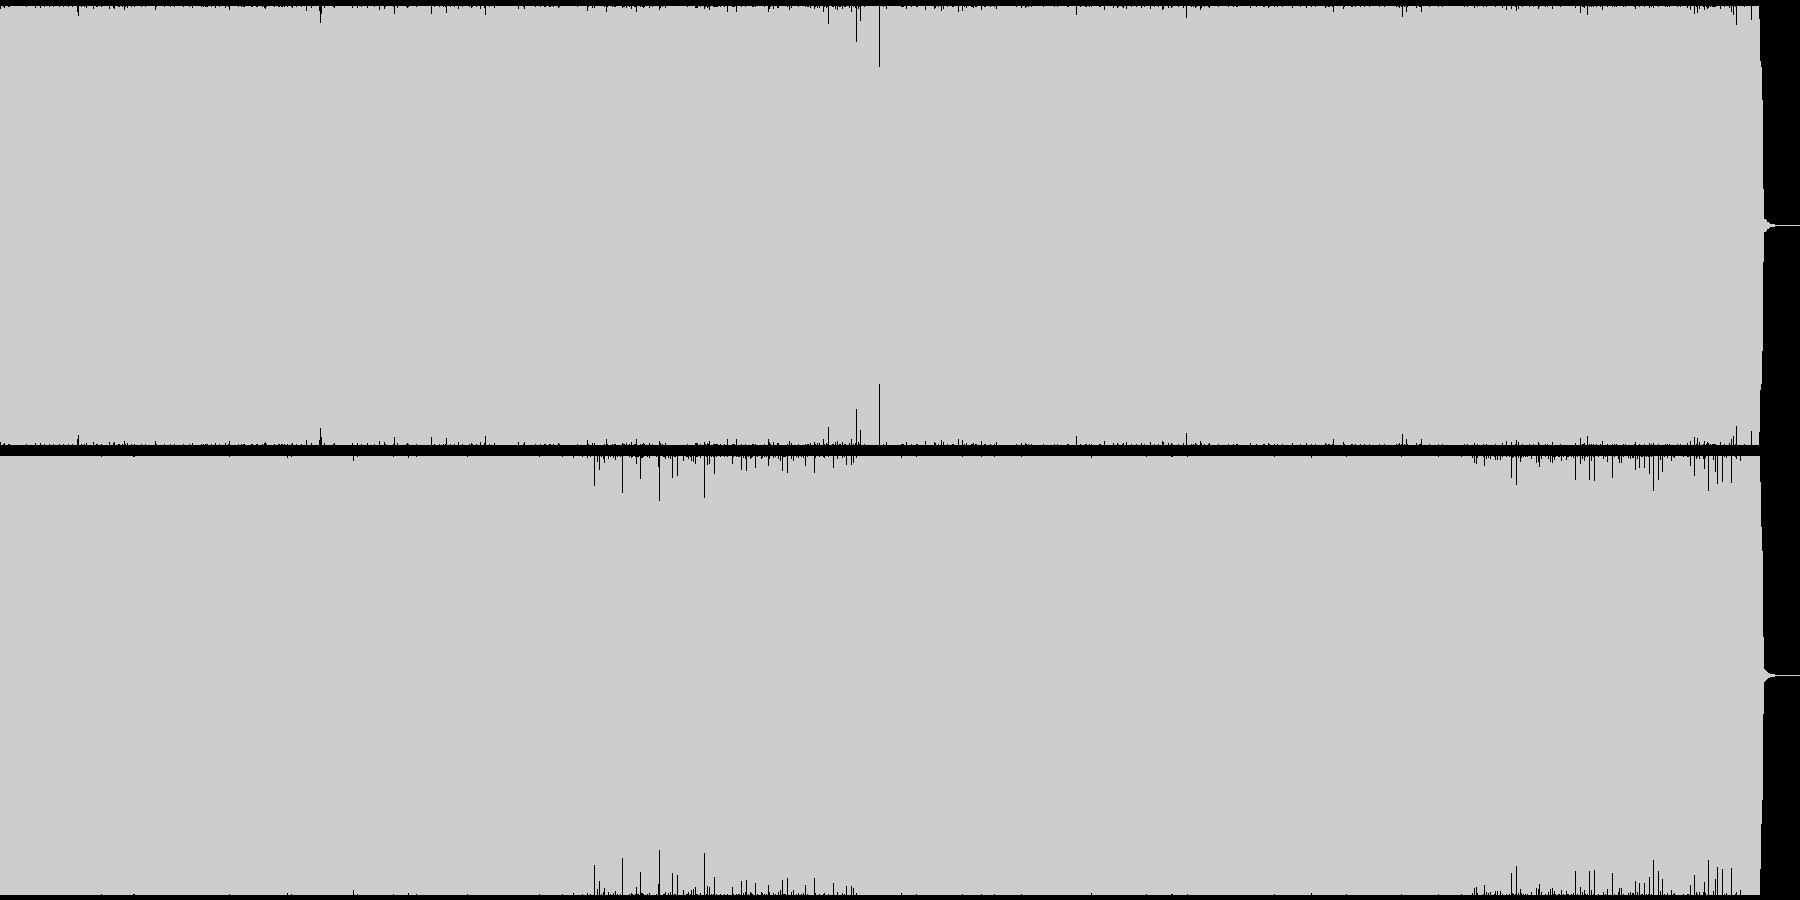 和風なイメージのあるギターロックナンバーの未再生の波形